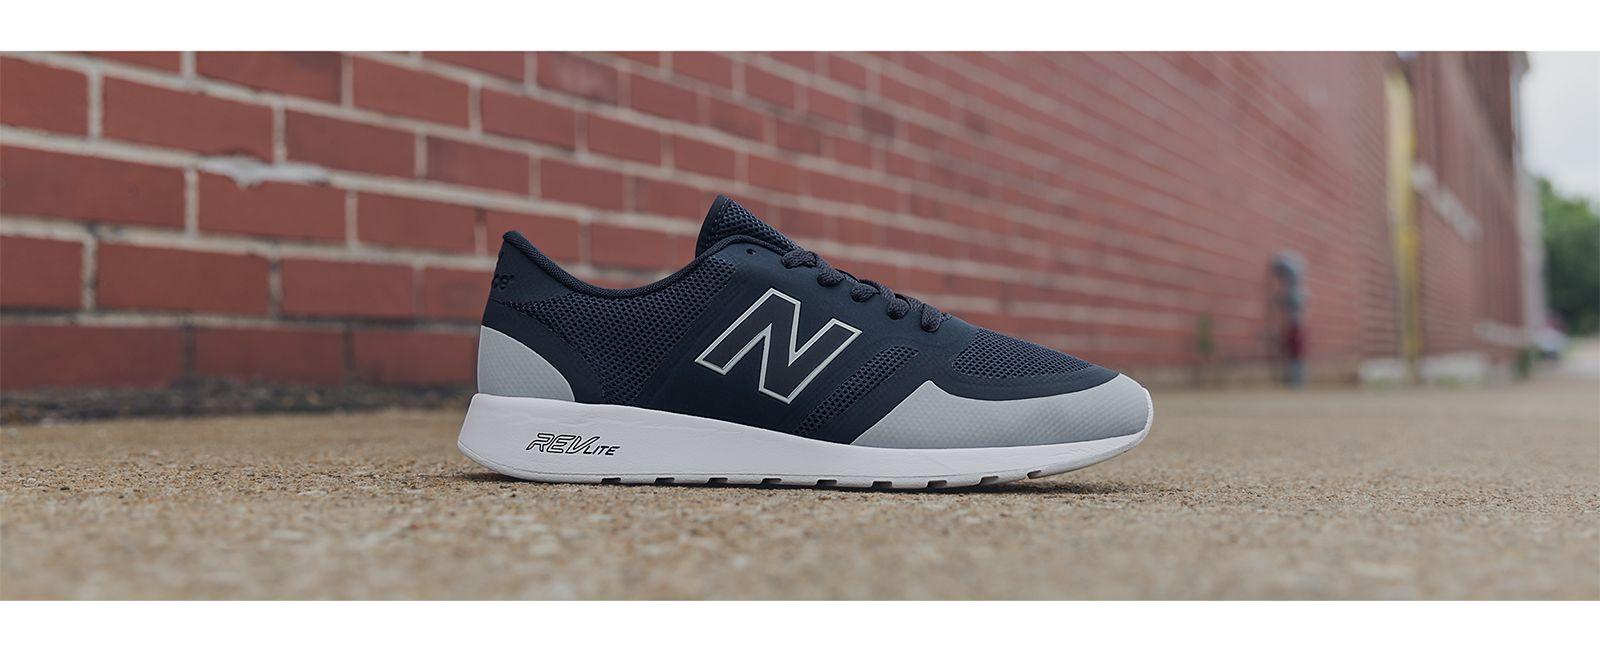 Nuevo Equilibrio 420 Para Mujer De Los Zapatos Corrientes Críticas pUTmPV52